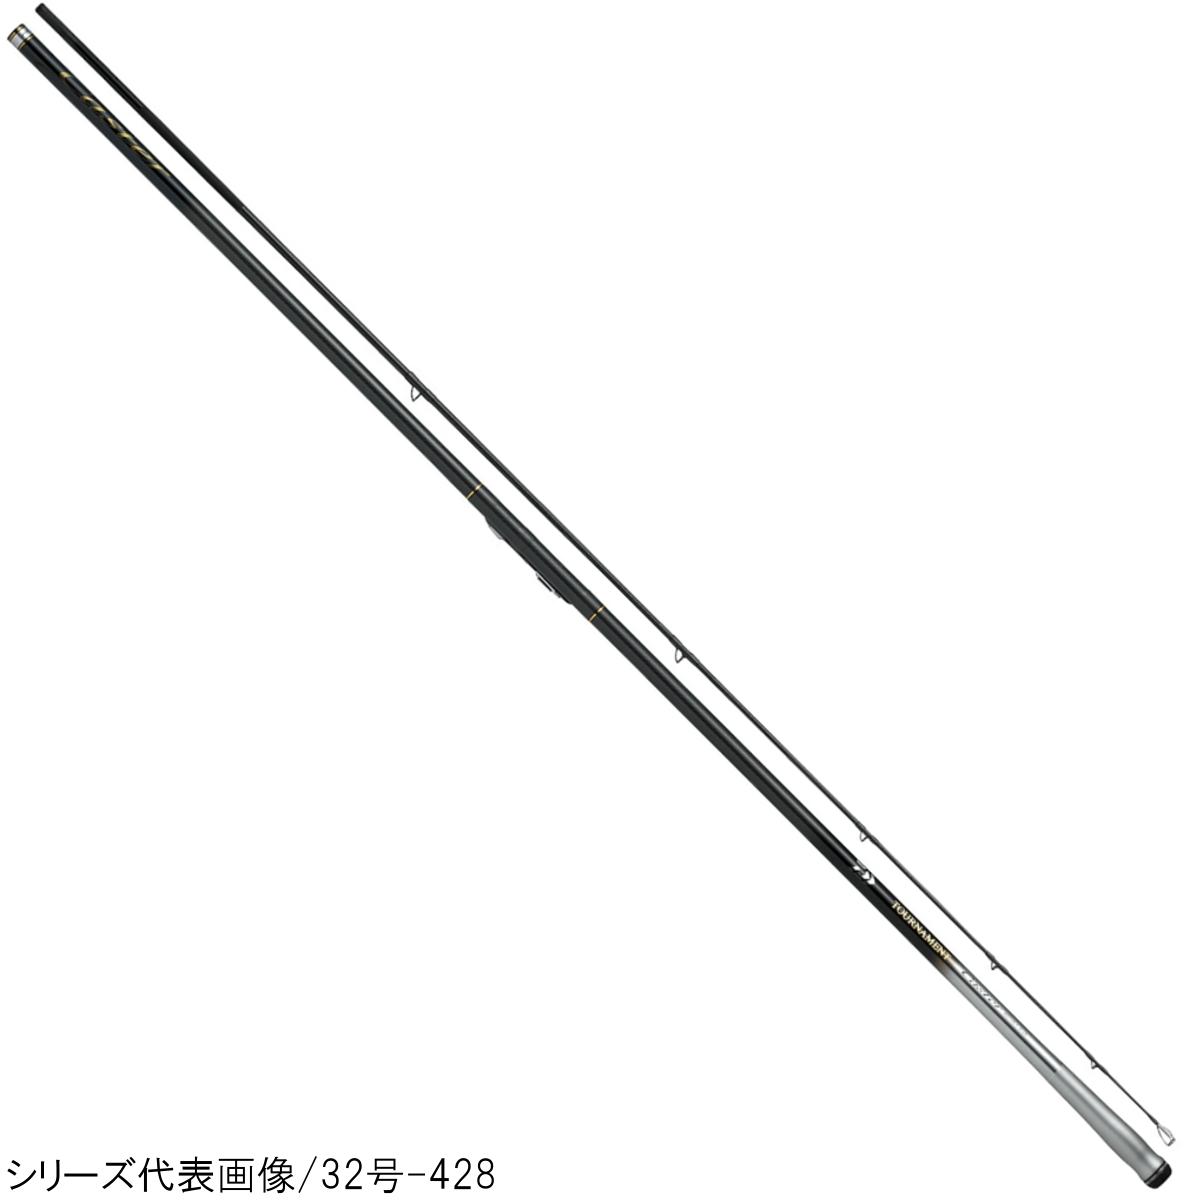 ダイワ トーナメント キャスター AGS タイプT 33号-400【大型商品】